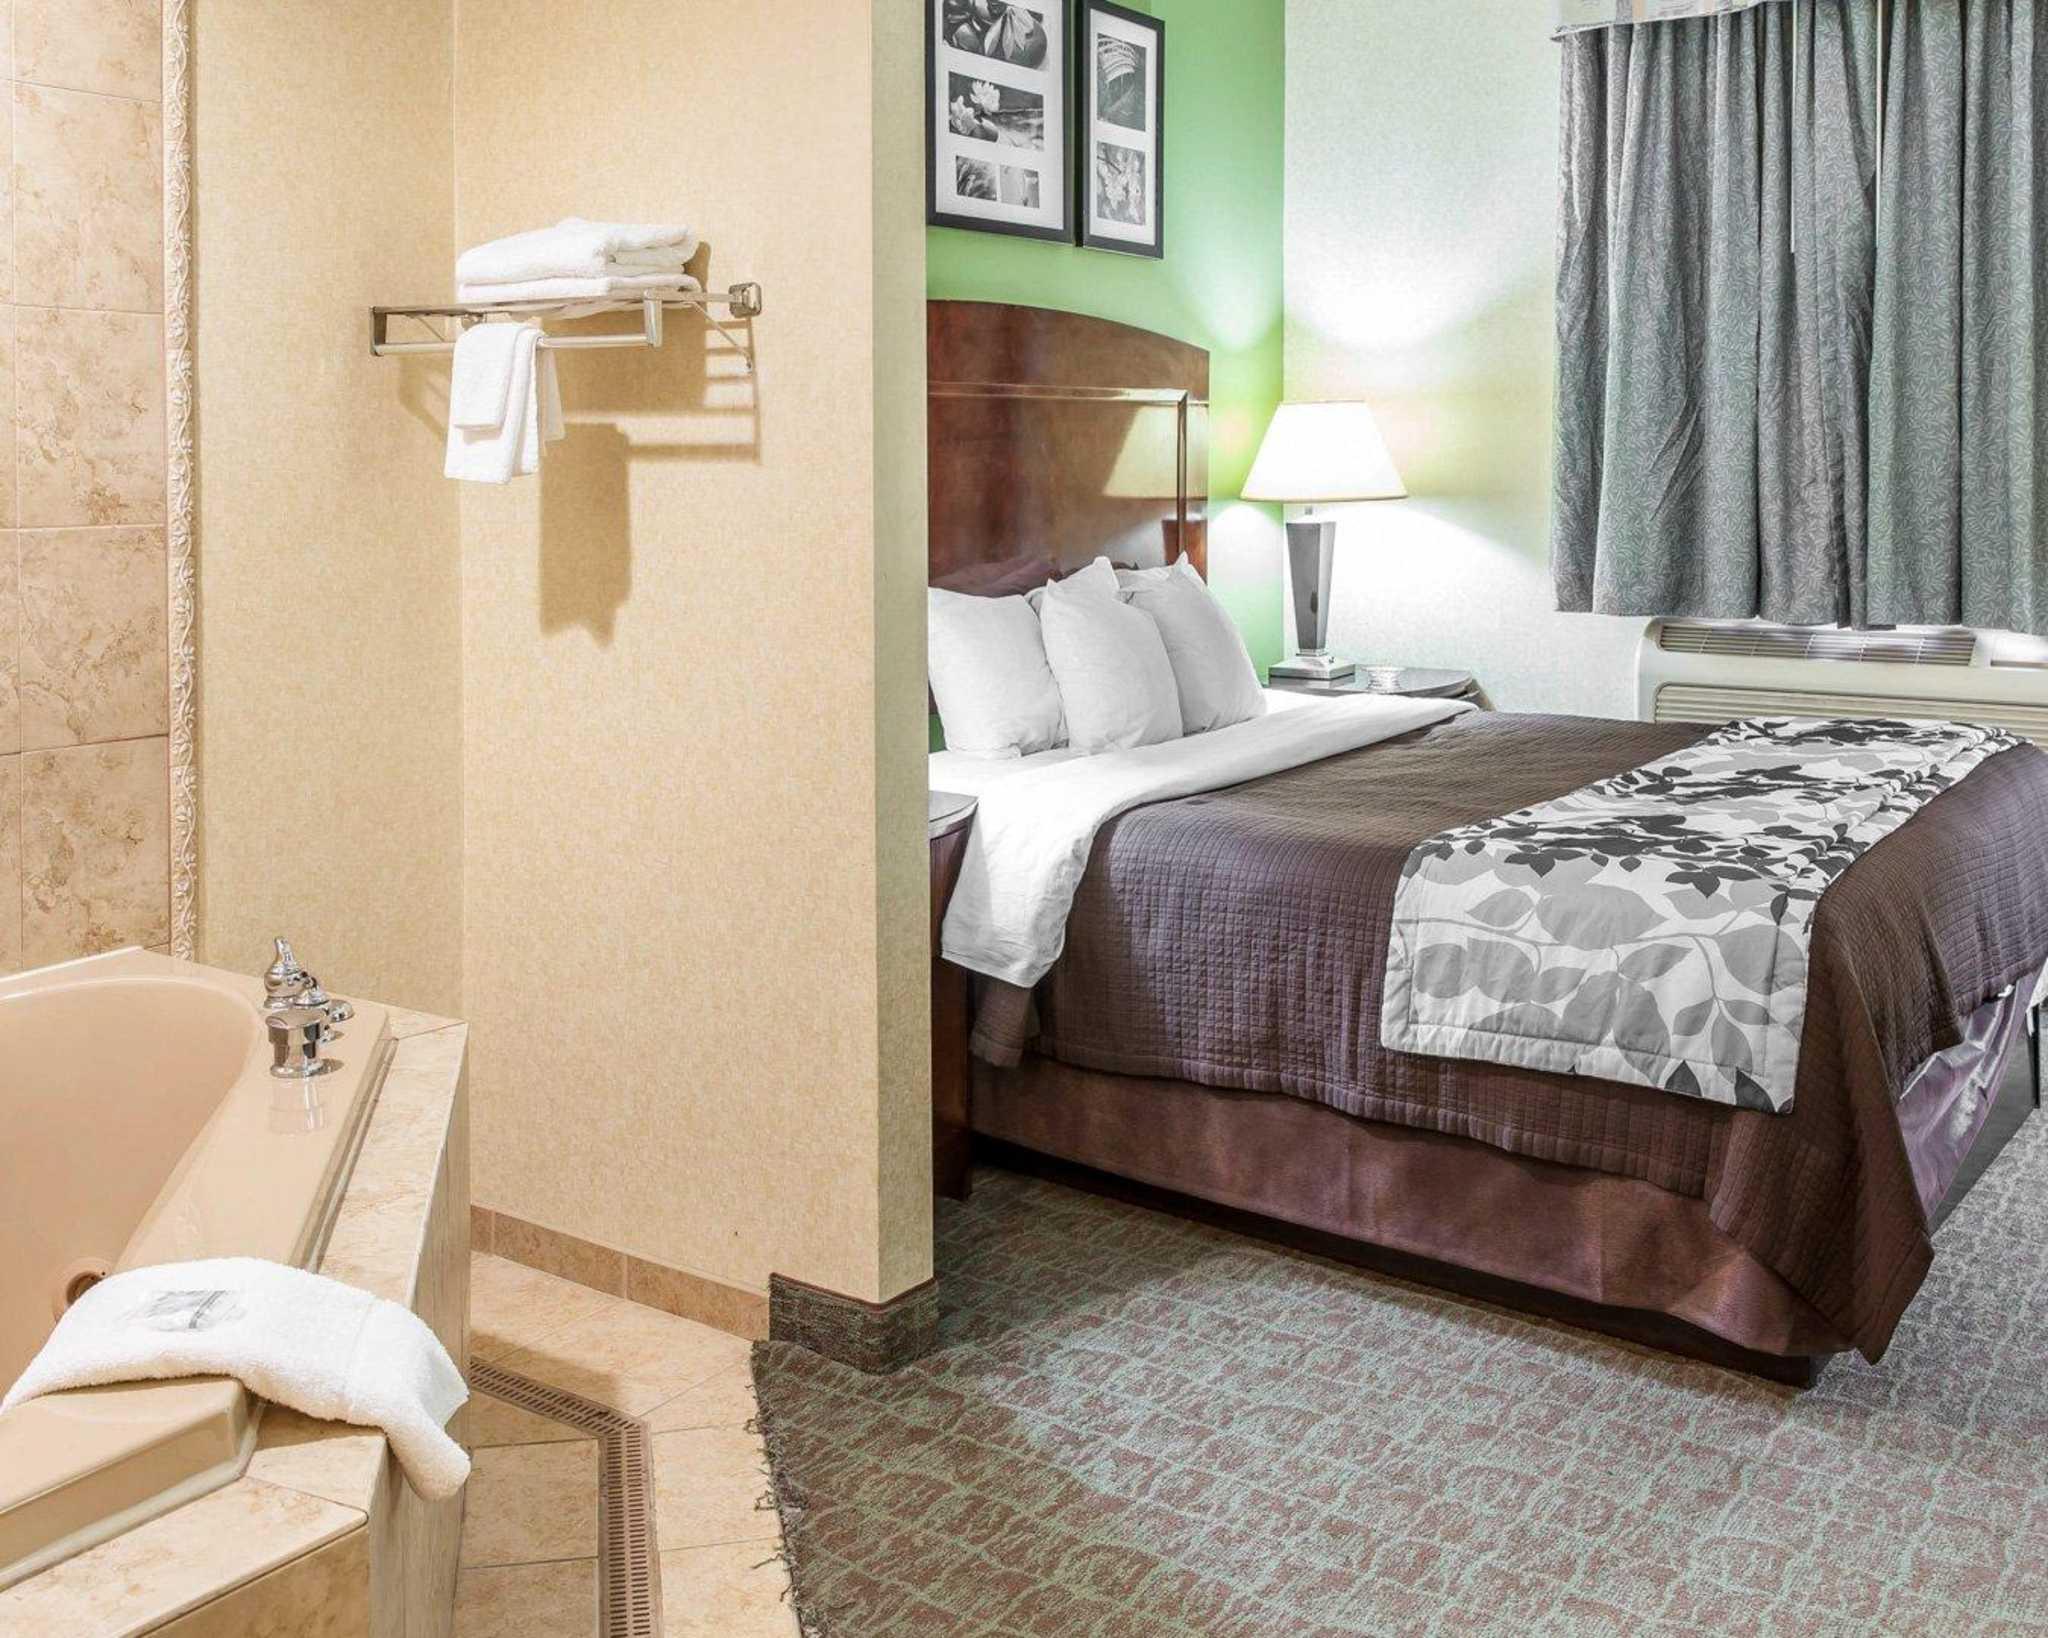 Sleep Inn & Suites Upper Marlboro near Andrews AFB image 5